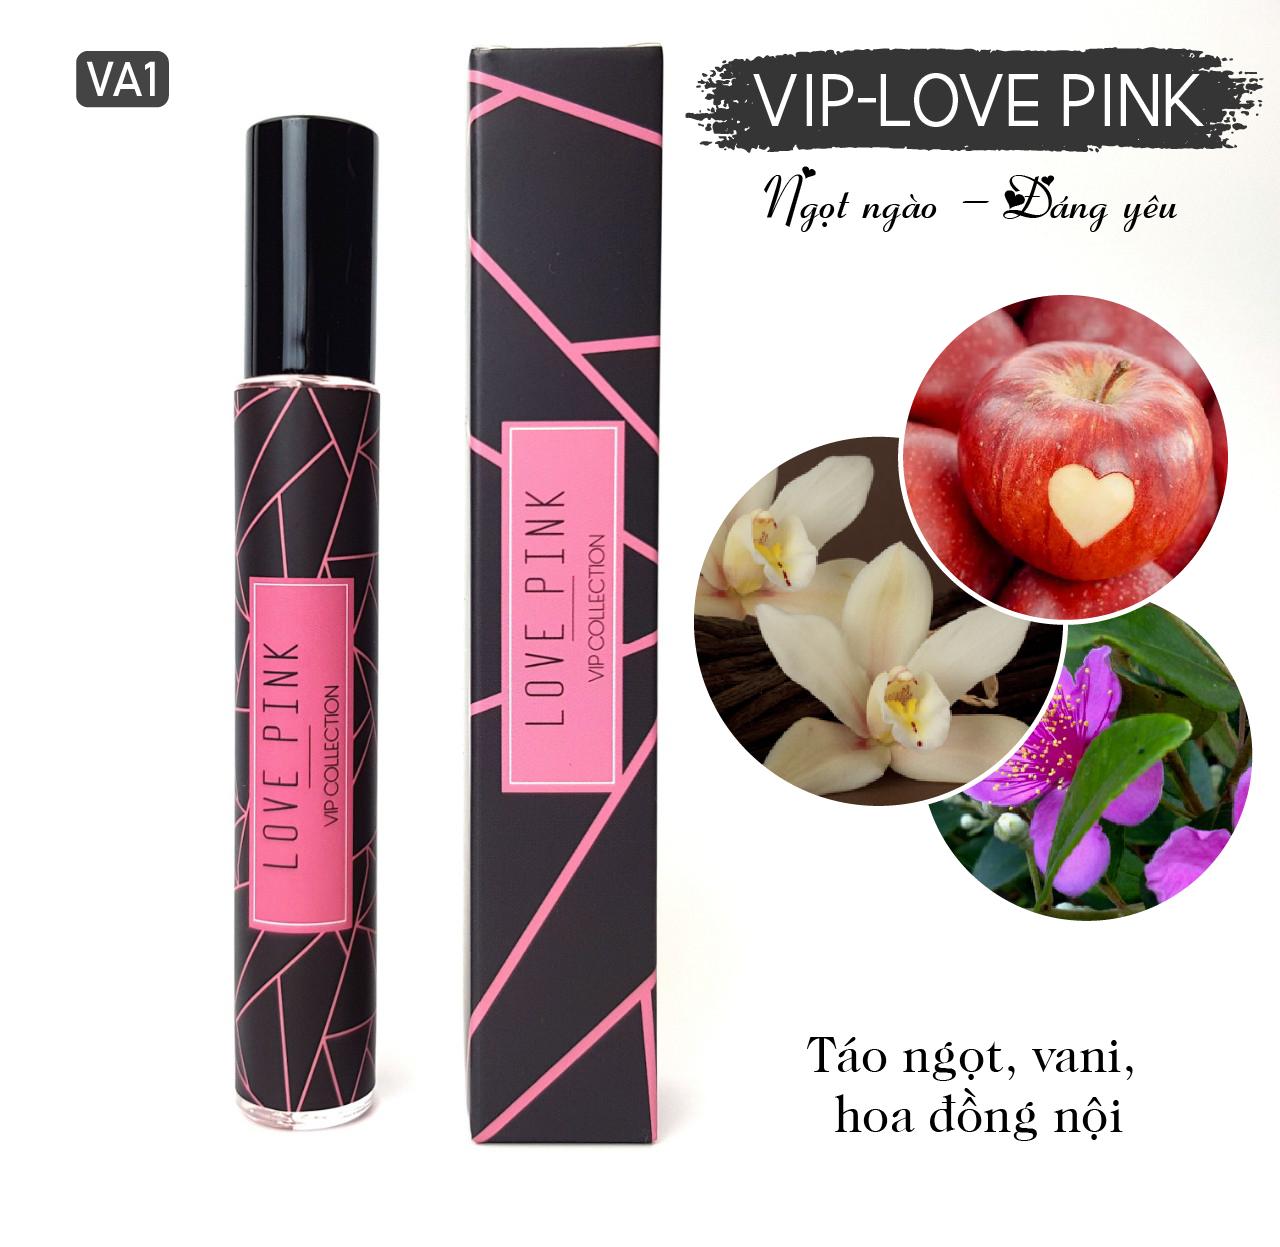 Tinh dầu nước hoa Pháp dòng VIP - Mã số VA1 - Love Pink